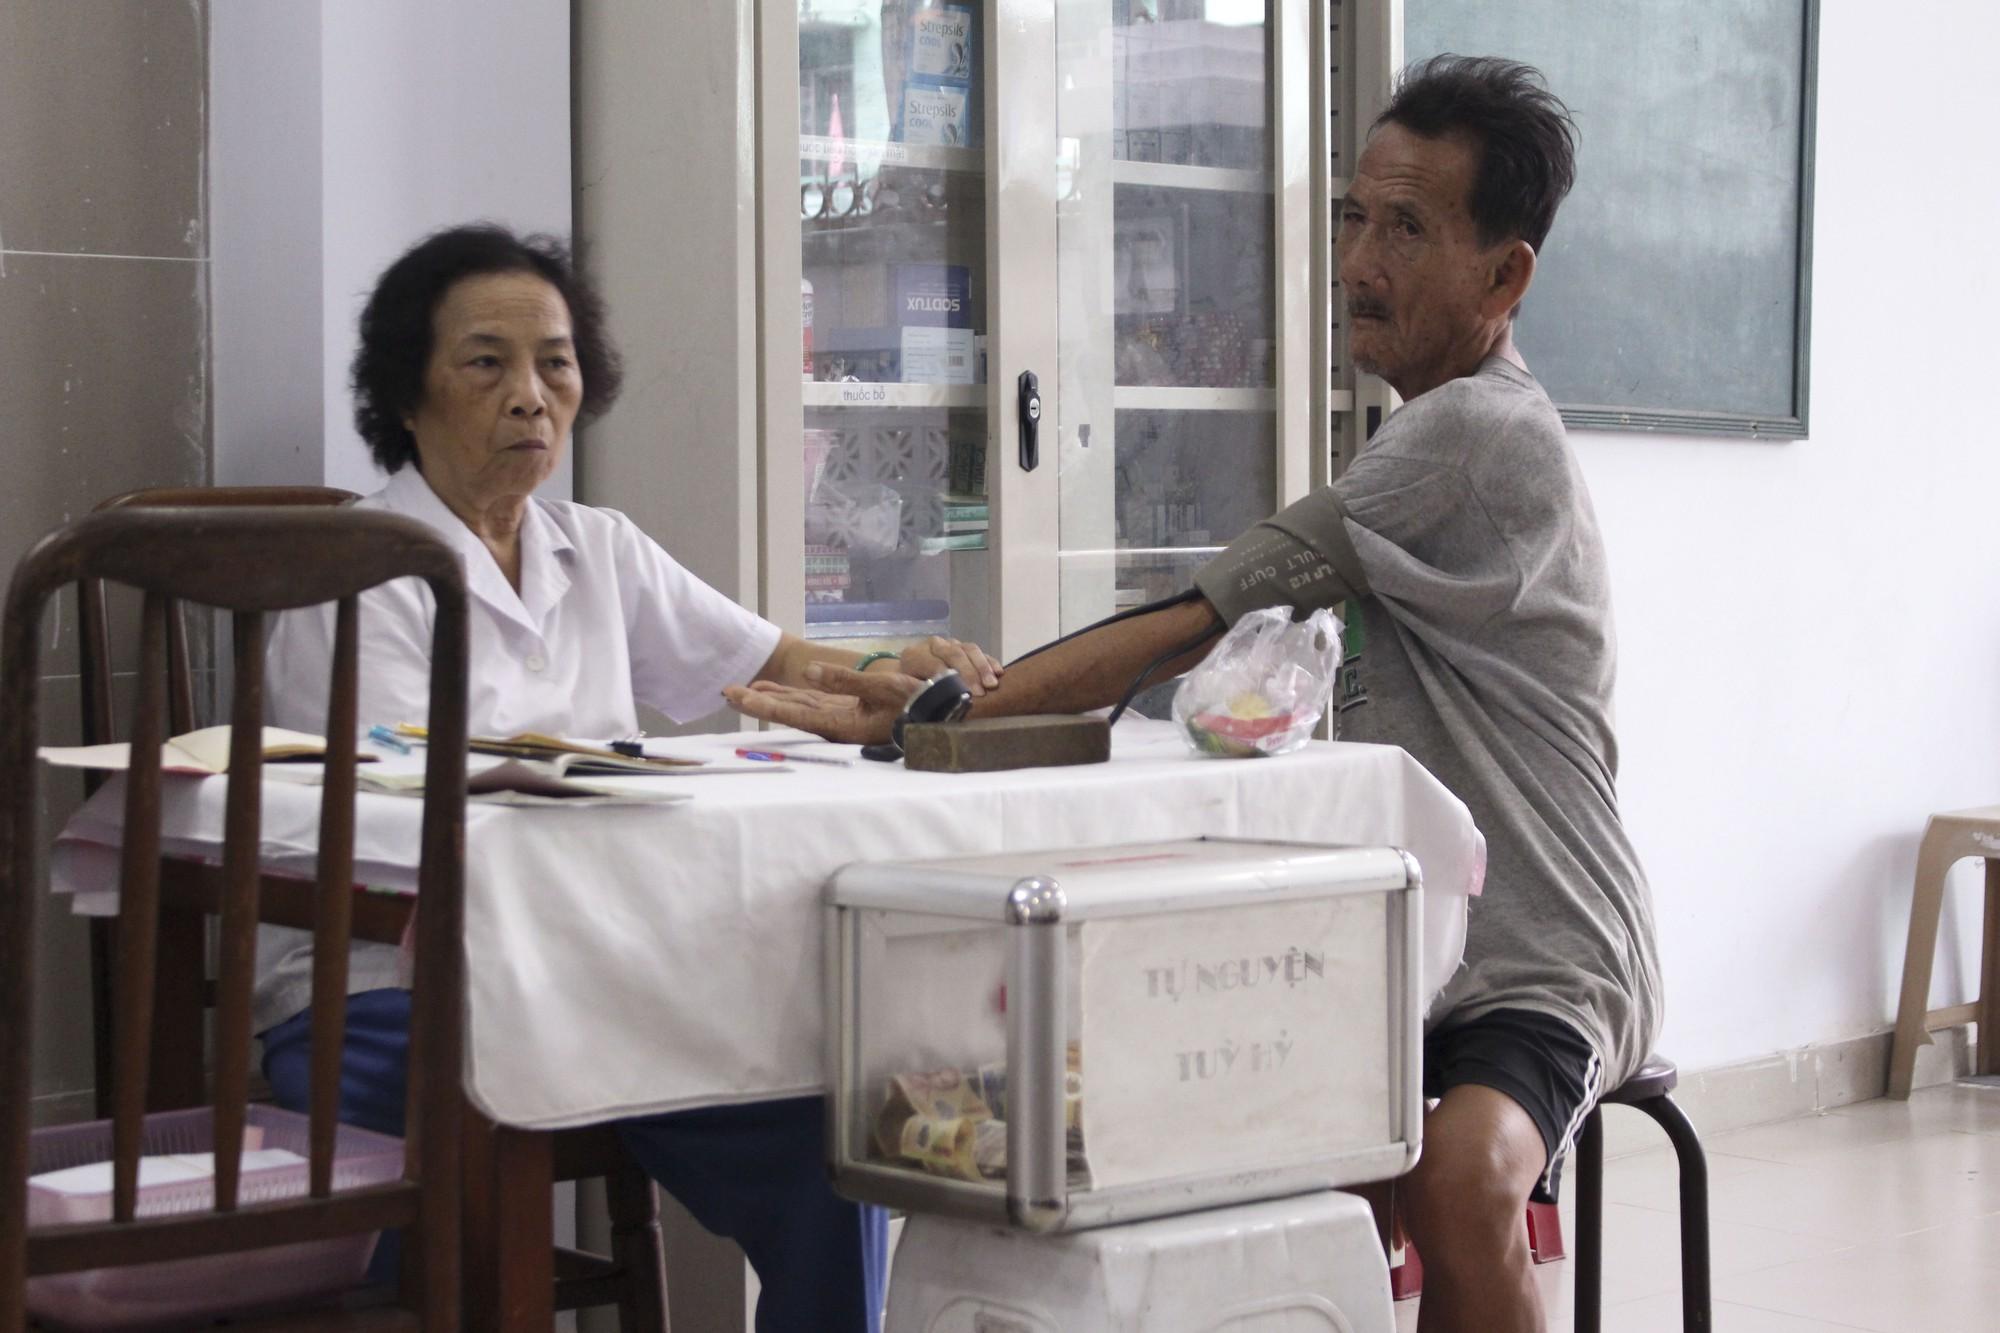 Bác sĩ 80 tuổi cống hiến 20 năm sức già khám chữa bệnh miễn phí cho bệnh nhân nghèo - Ảnh 3.